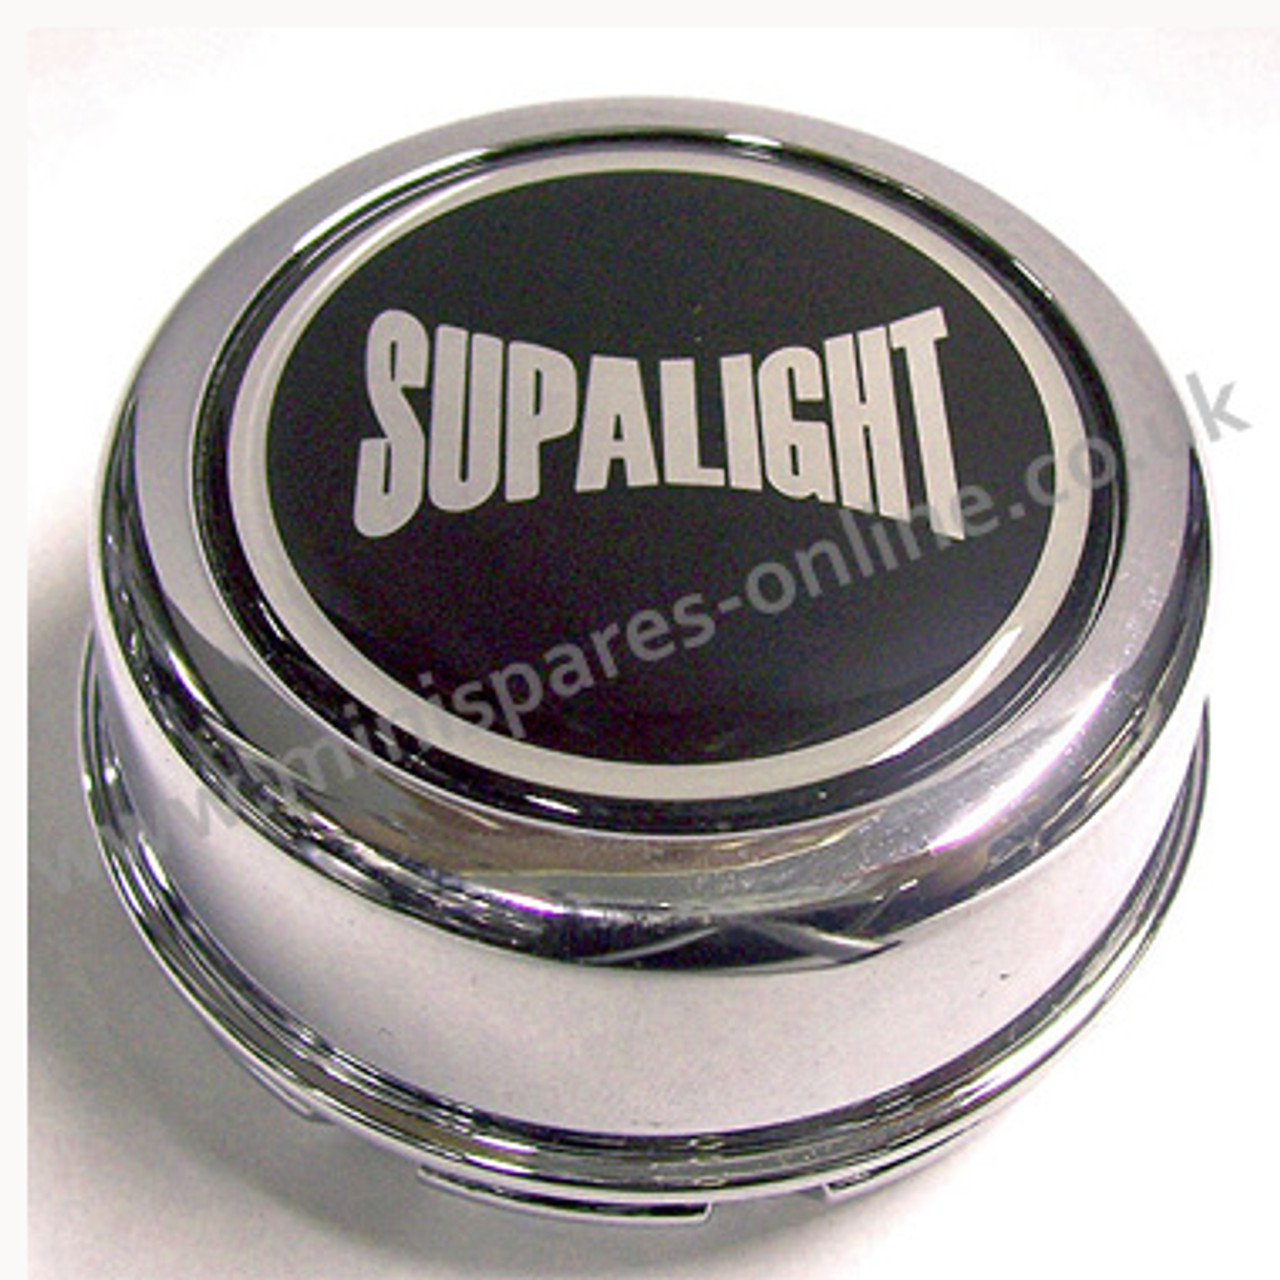 Superlight/Supalight wheel centre